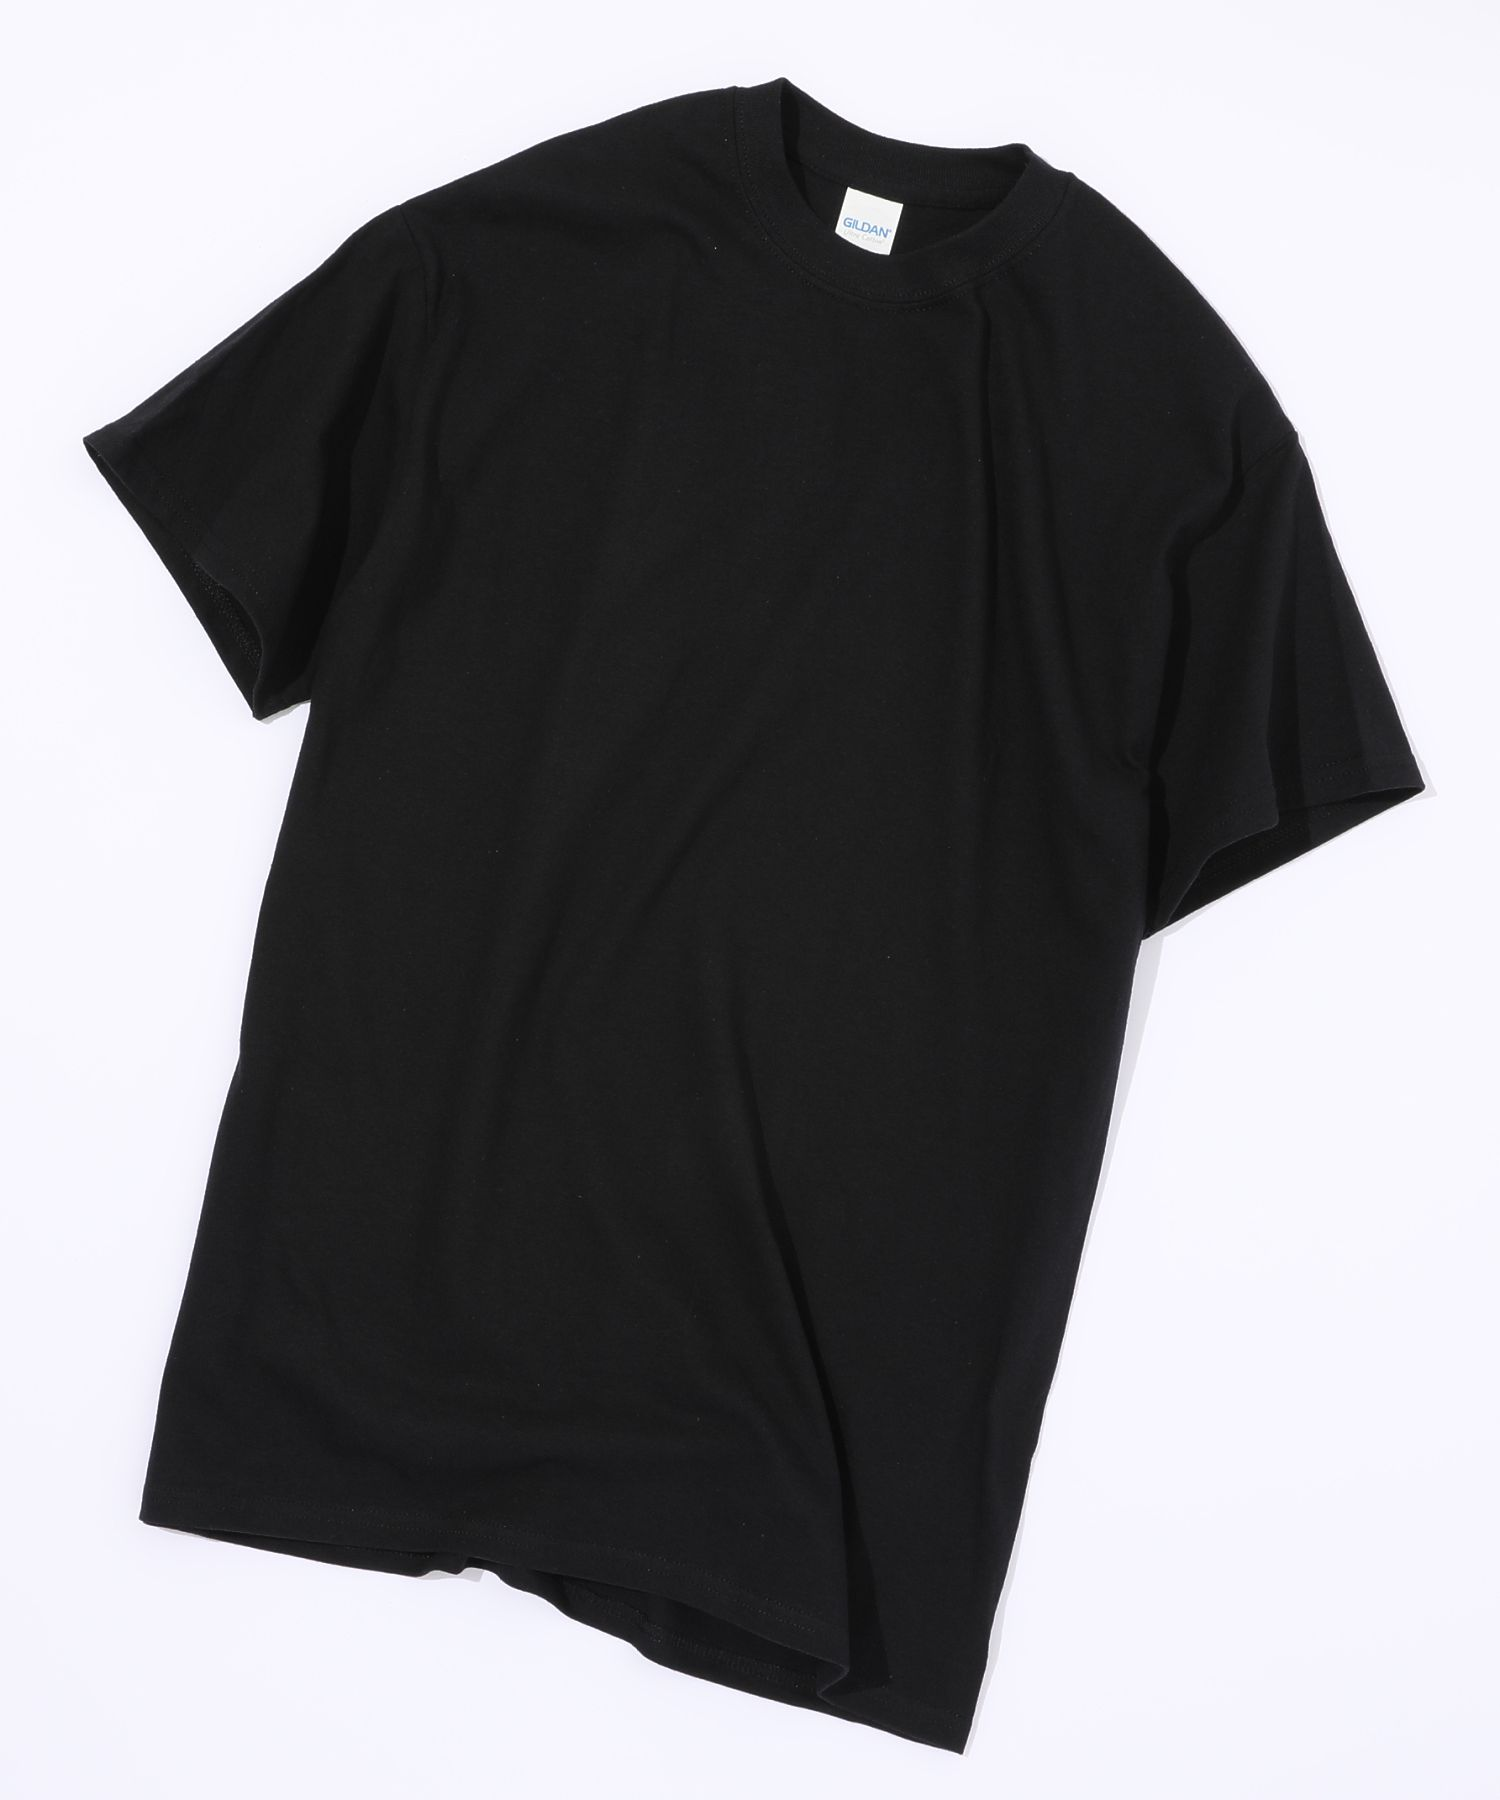 GILDAN ギルダン / 無地Tシャツ